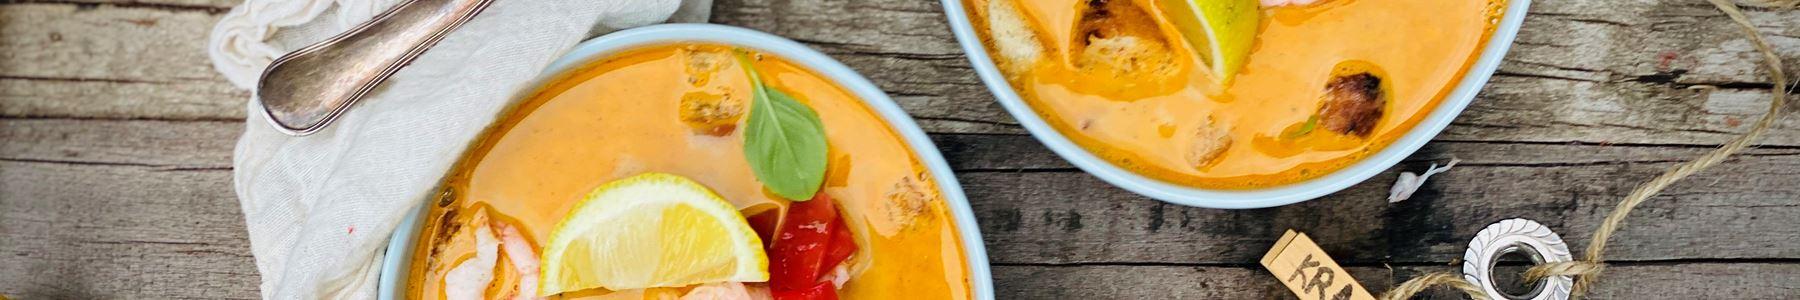 Rejer + Varme supper